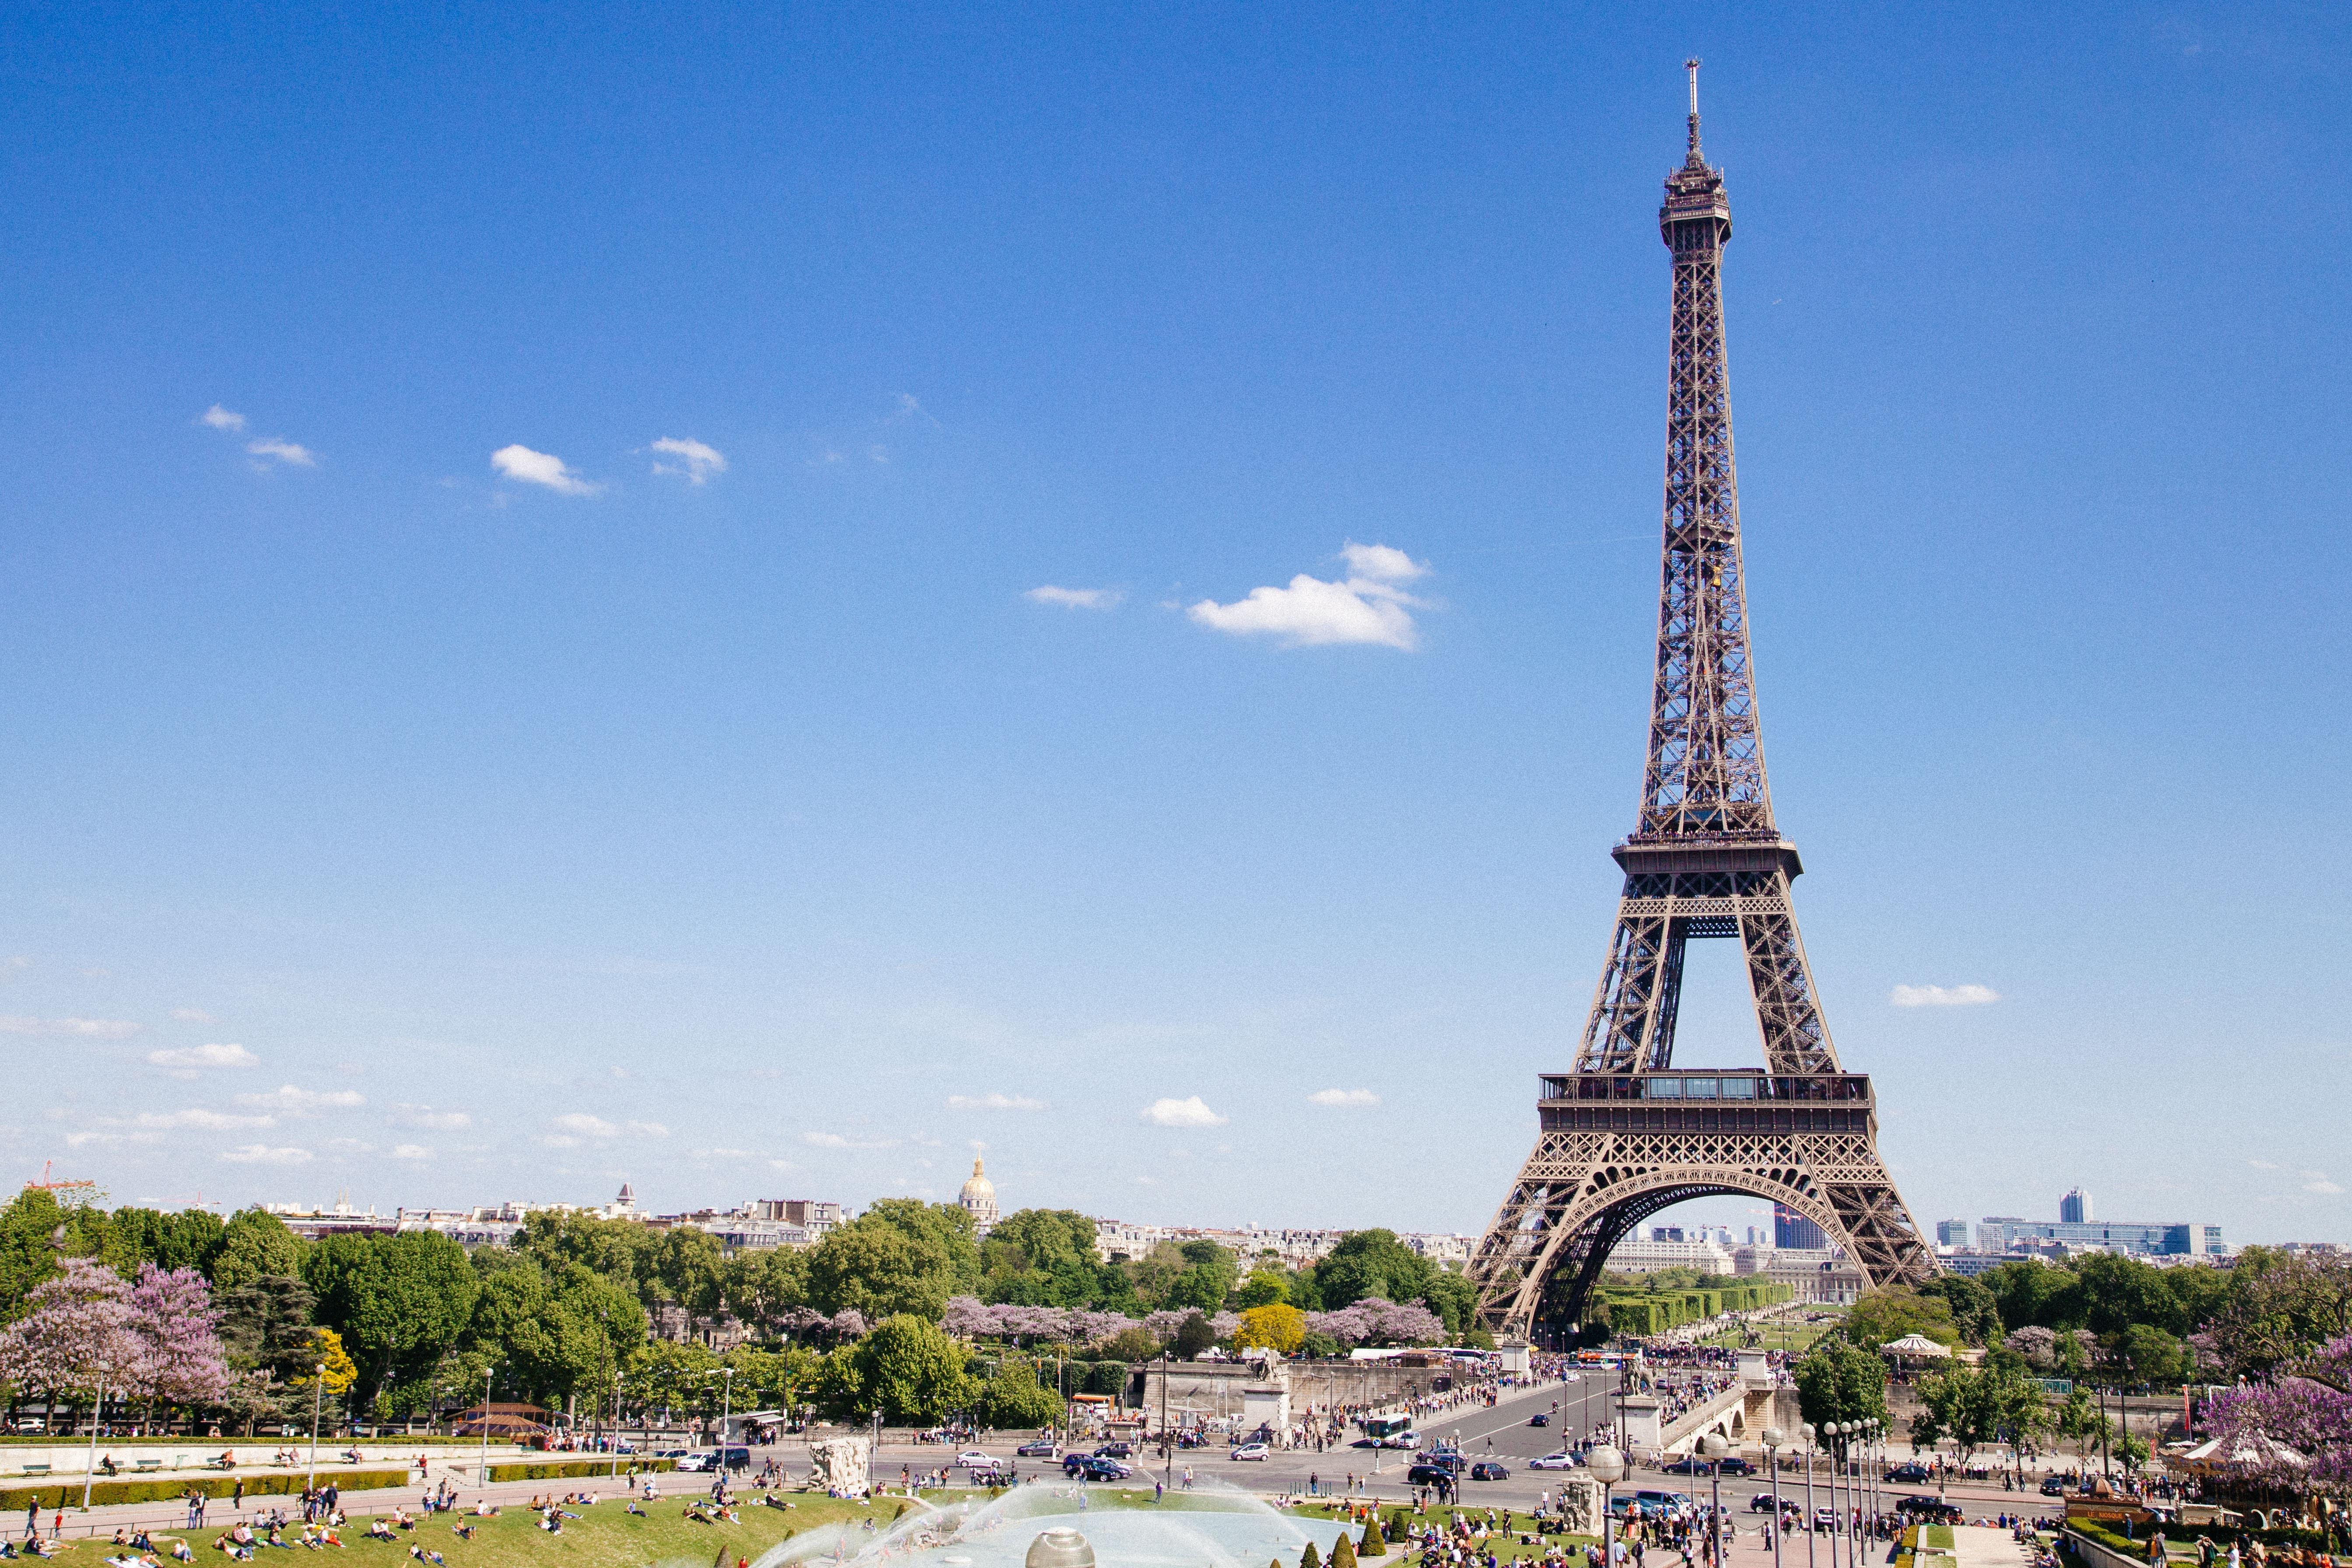  为什么去法国留学?法国留学优势大解析!